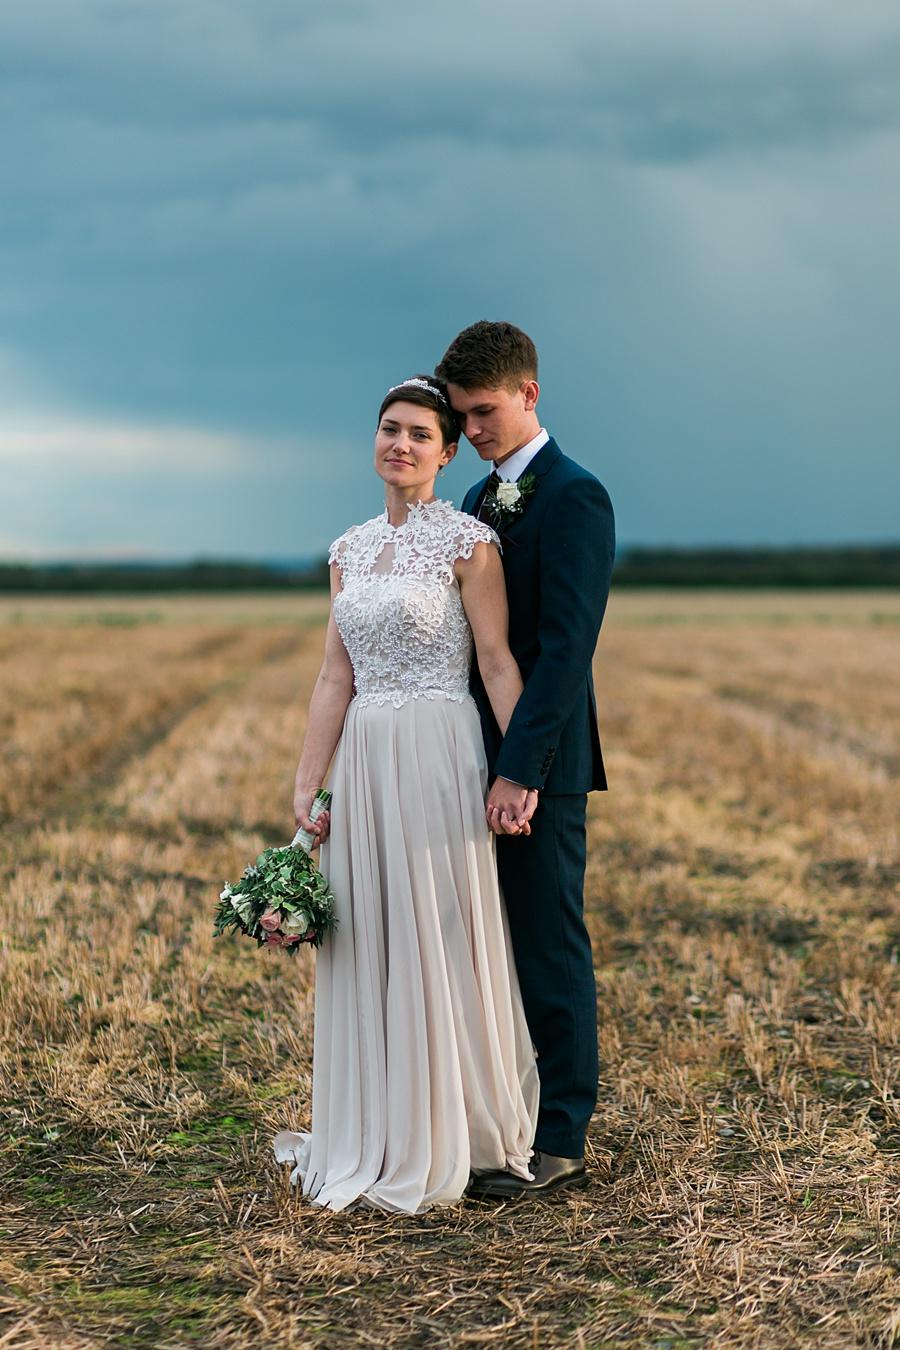 A Rustic Minimalist, Farm Wedding: Emma & Sam - BridalPulse